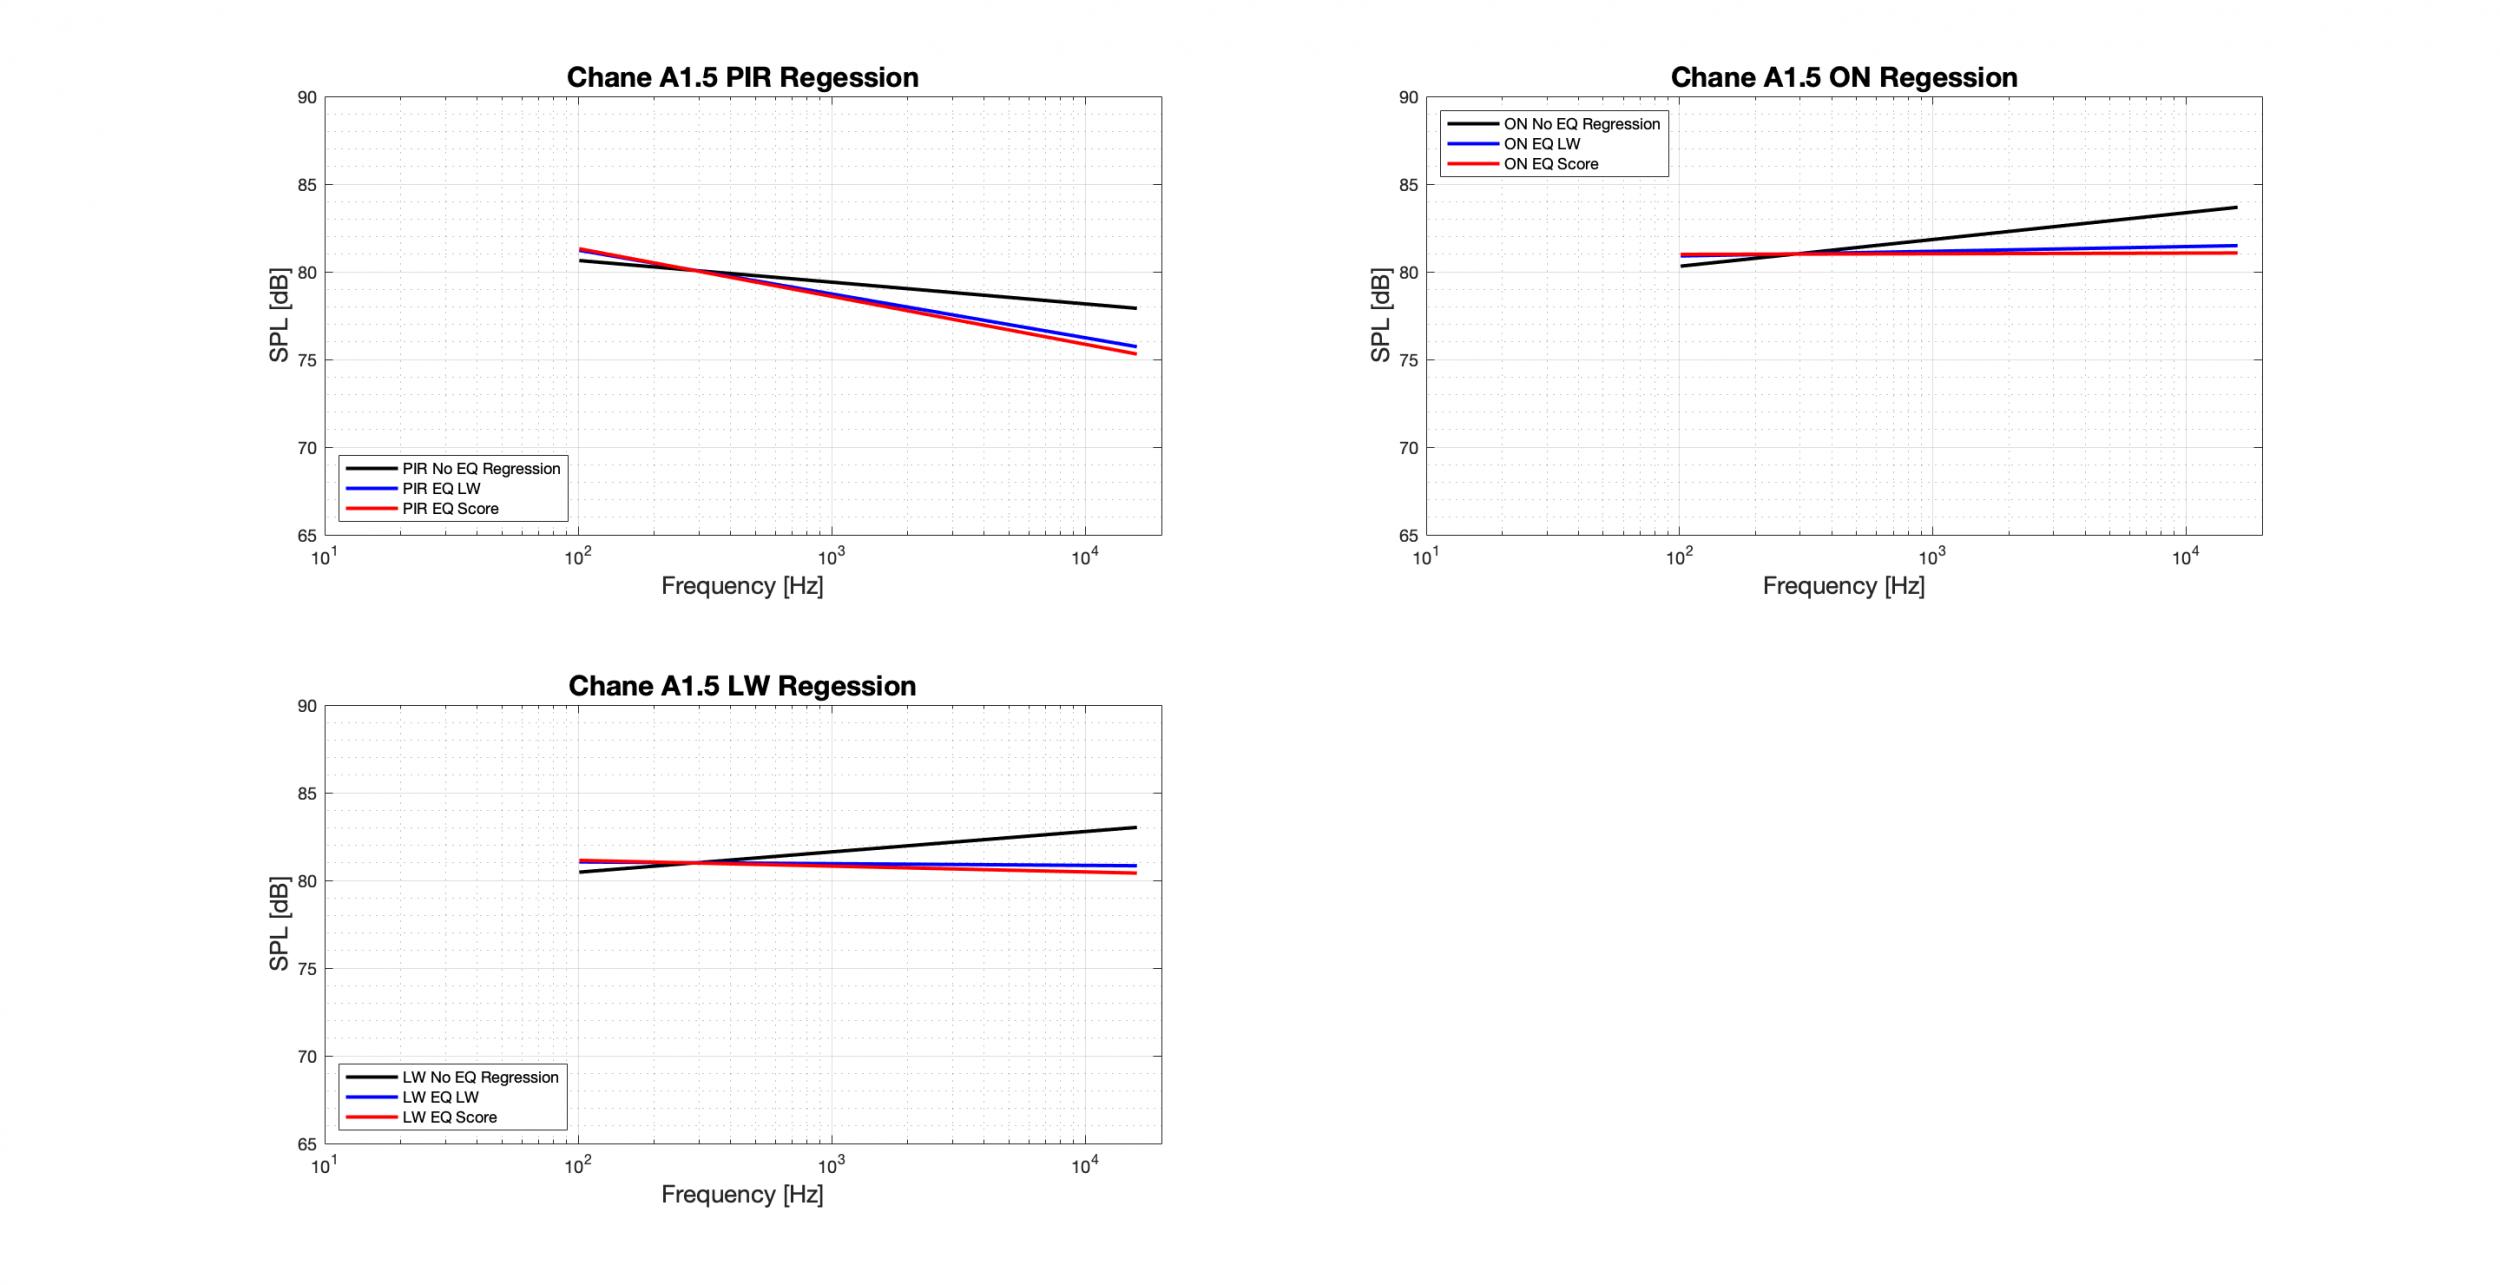 Chane A1.5 Regression - Tonal.png